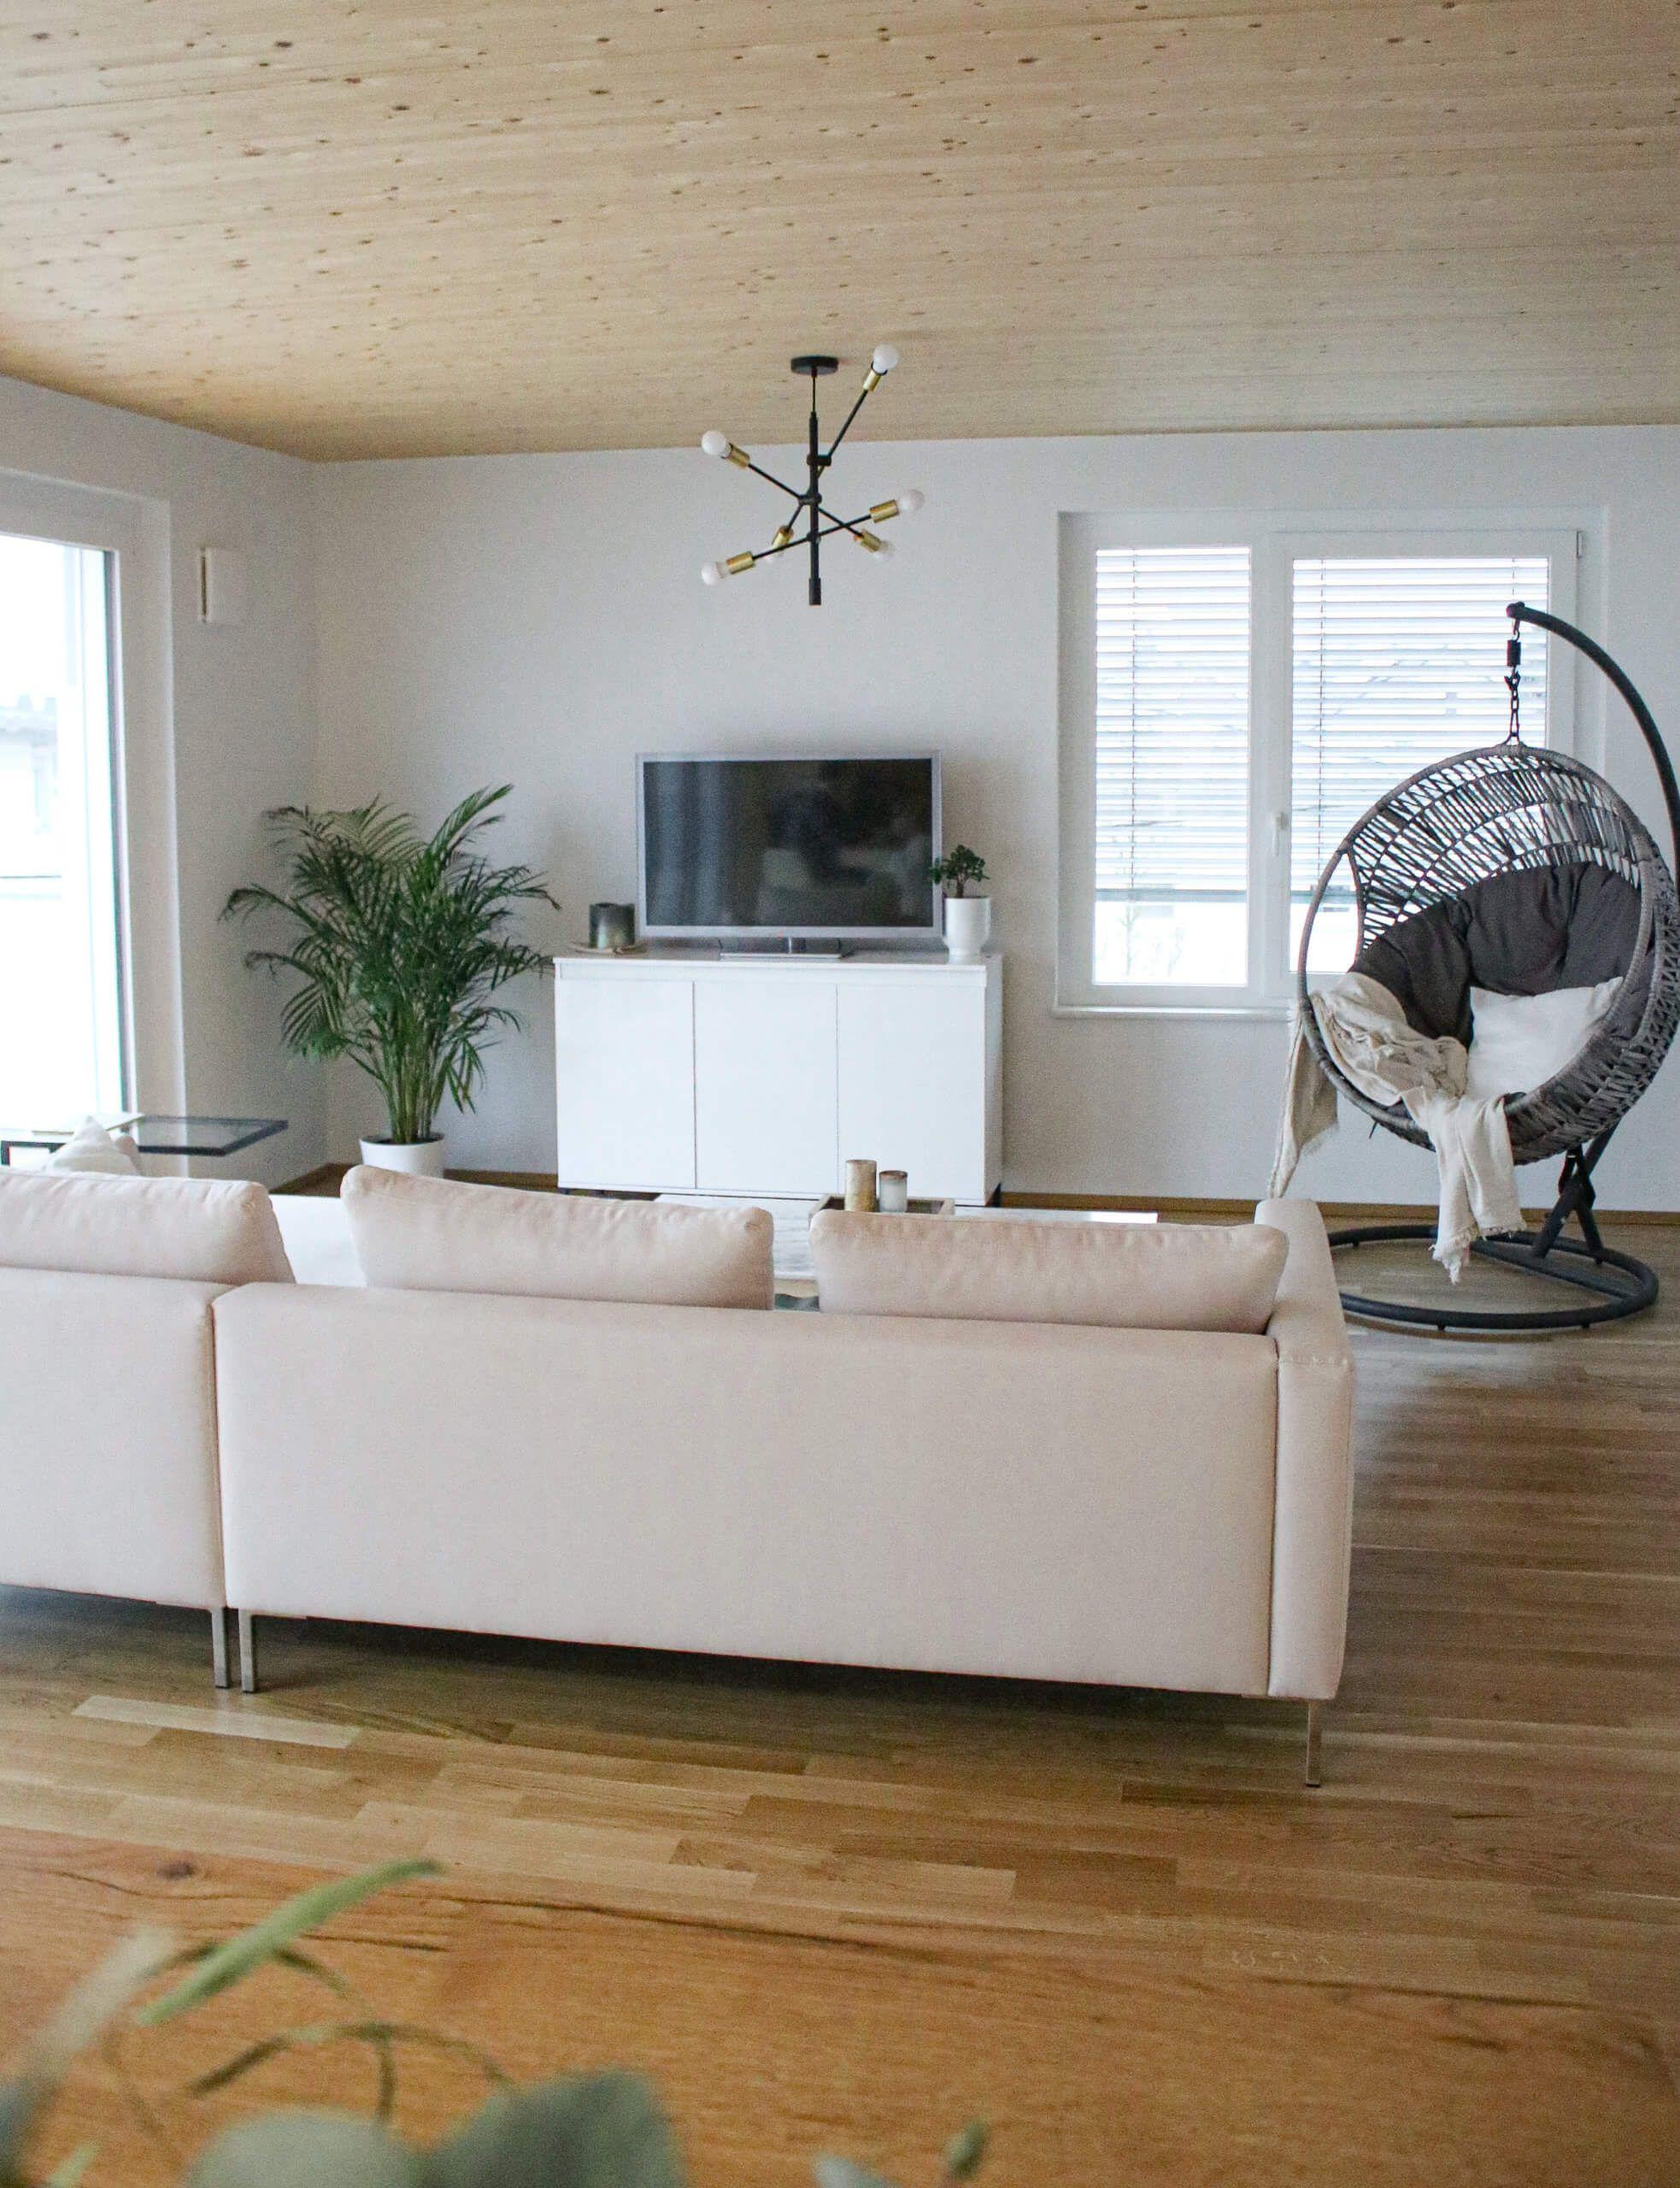 Interior Trends 2021 In 2021 Inneneinrichtung Minimalistisches Design Hochwertige Möbel